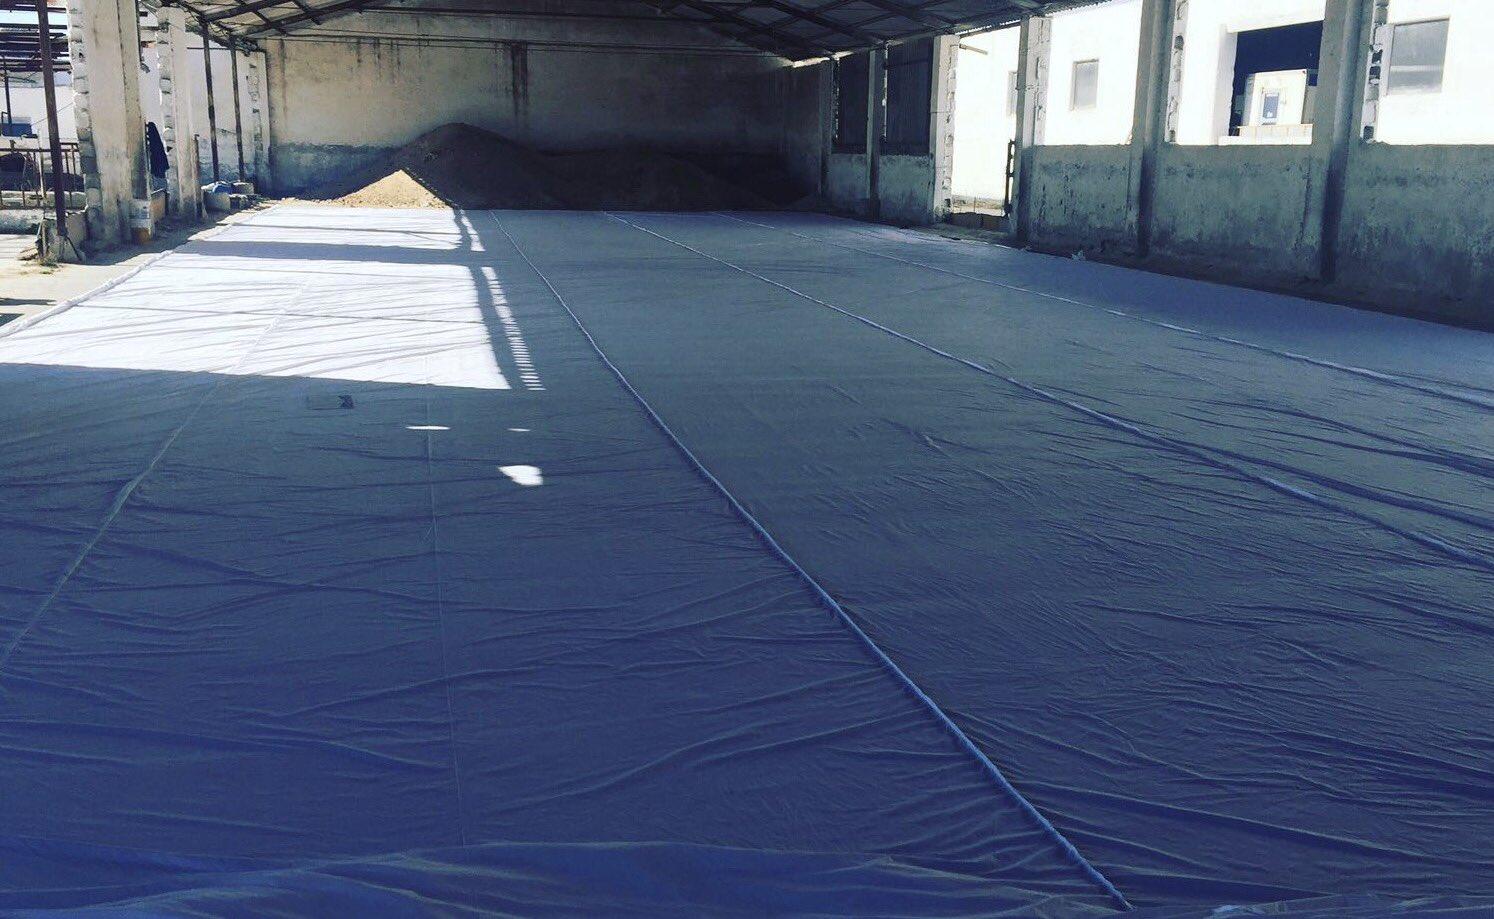 Preparativos de la lona para el tifo contra el Betis (Imagen: @G19_GranadaCF)